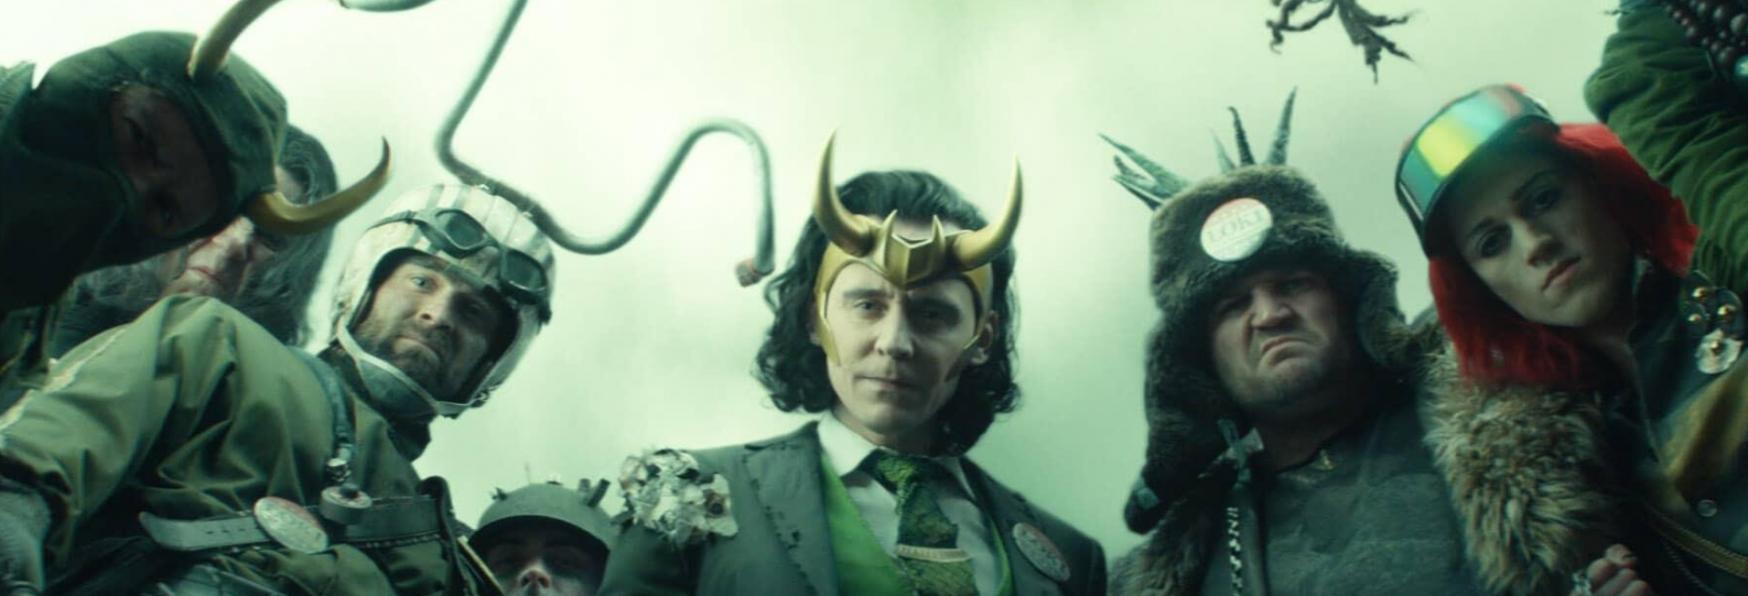 Loki: la Recensione Completa dell'acclamata Serie TV targata Disney+